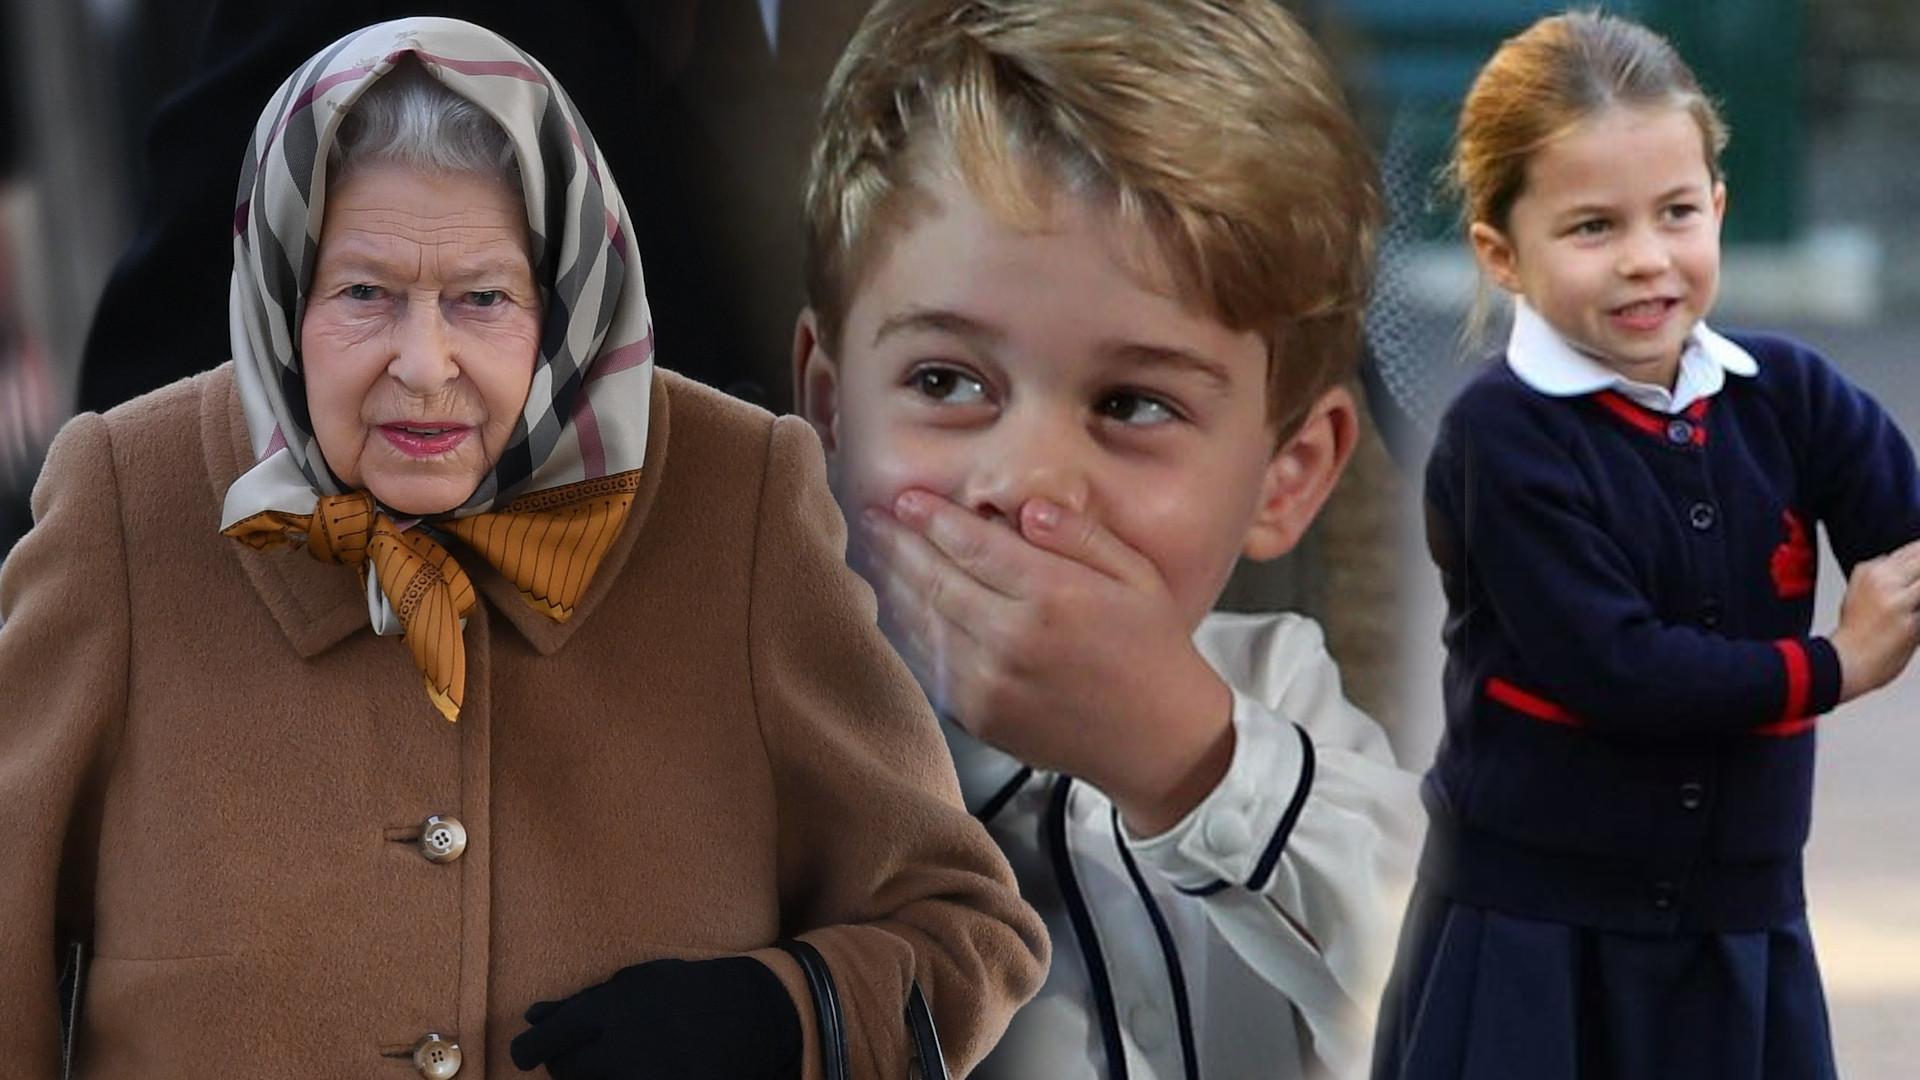 Zarządzenie Elżbiety II ZNISZCZY Boże Narodzenie dzieciom z rodziny królewskiej